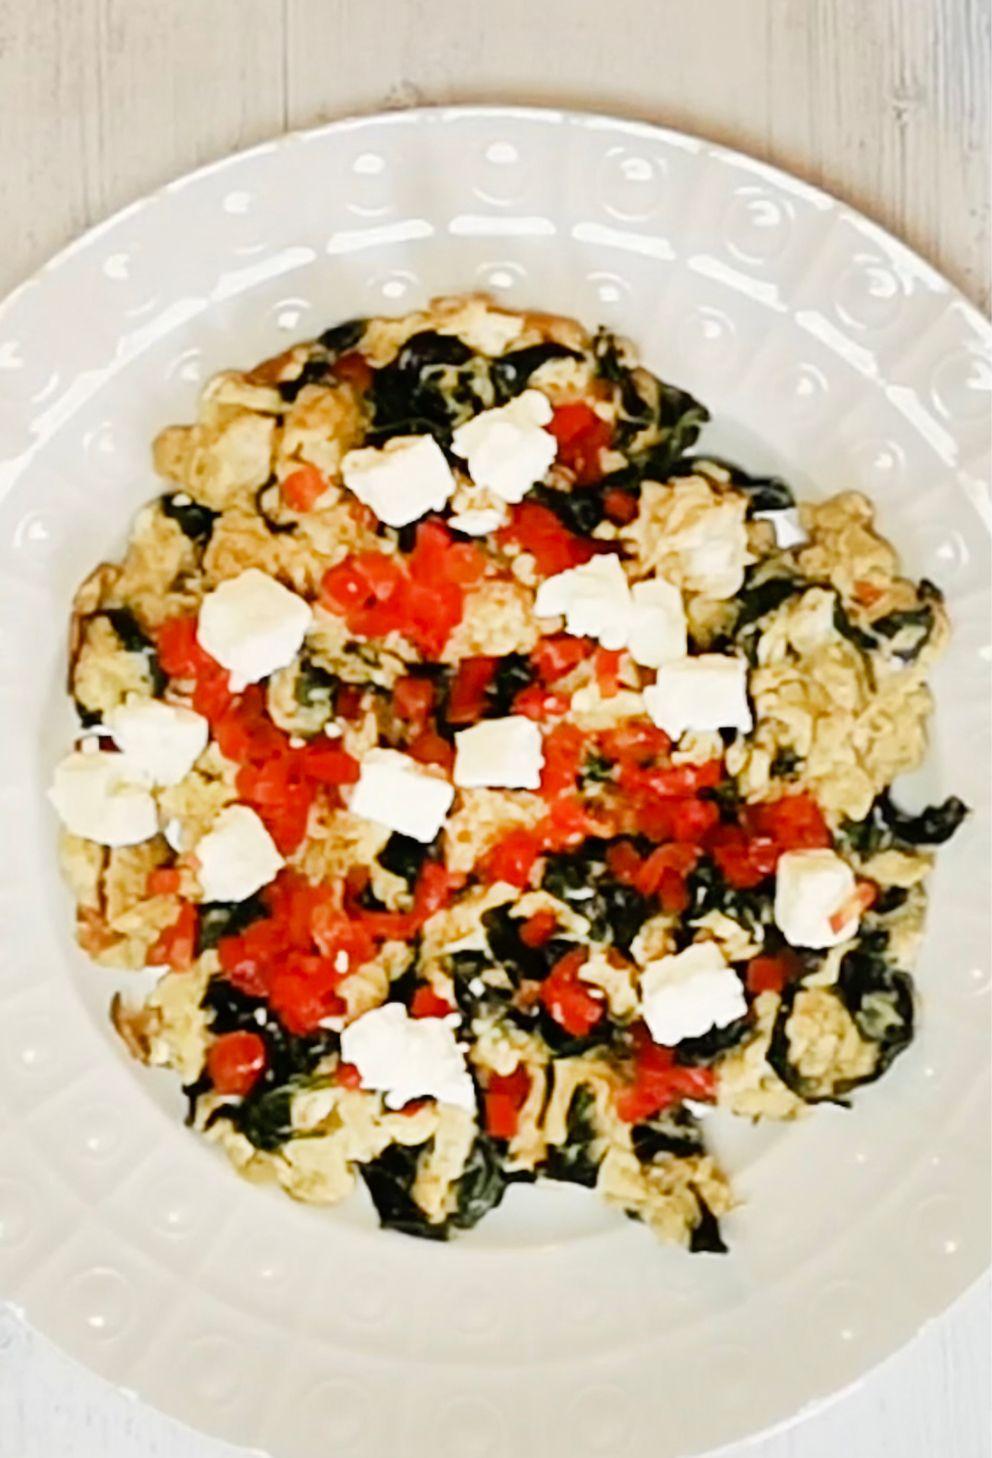 طريقة عمل التوست المحمص بالجبن المقادير توست عدد 2 شريحة بيض أومليت جبن شيدر شرايح نوعين حلقات طماطم خس قطع صغ Cookout Food Arabian Food Toast Sandwich